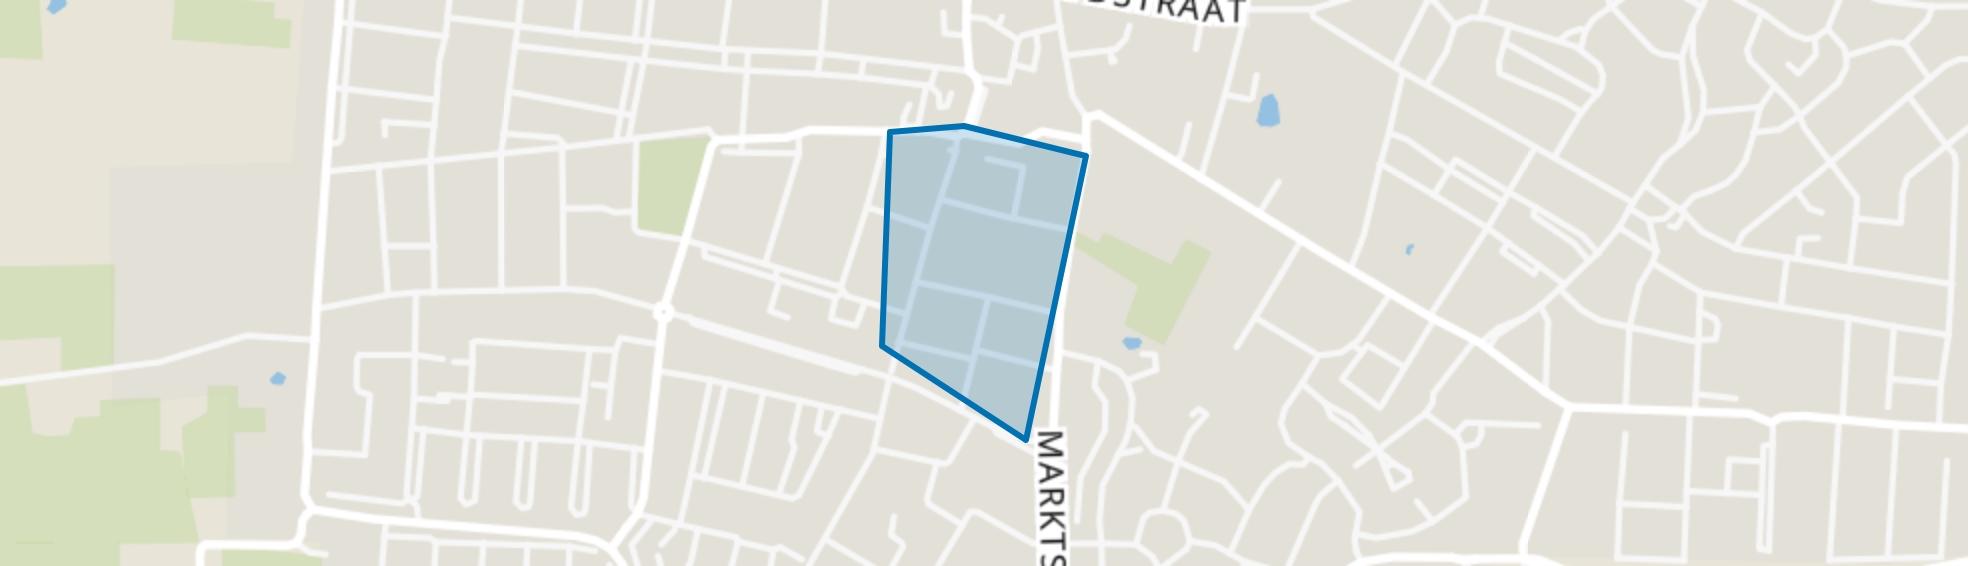 Schrijversbuurt, Kaatsheuvel map